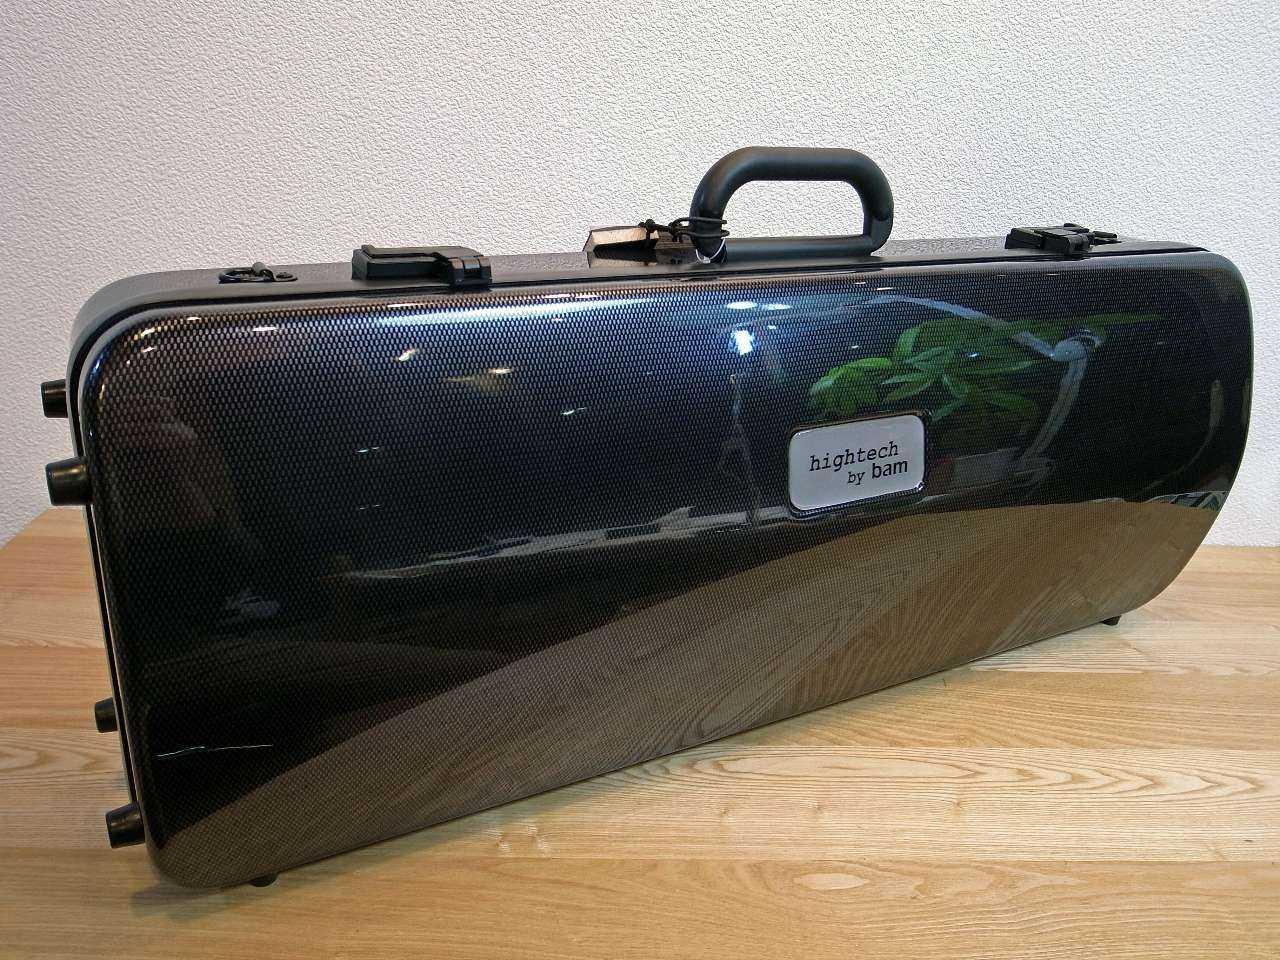 画像1: BAM ハイテック・ビオラケース(カーボンブラック)2.4Kg BAM Hightech Viola case 2201XLC / Carbon Black